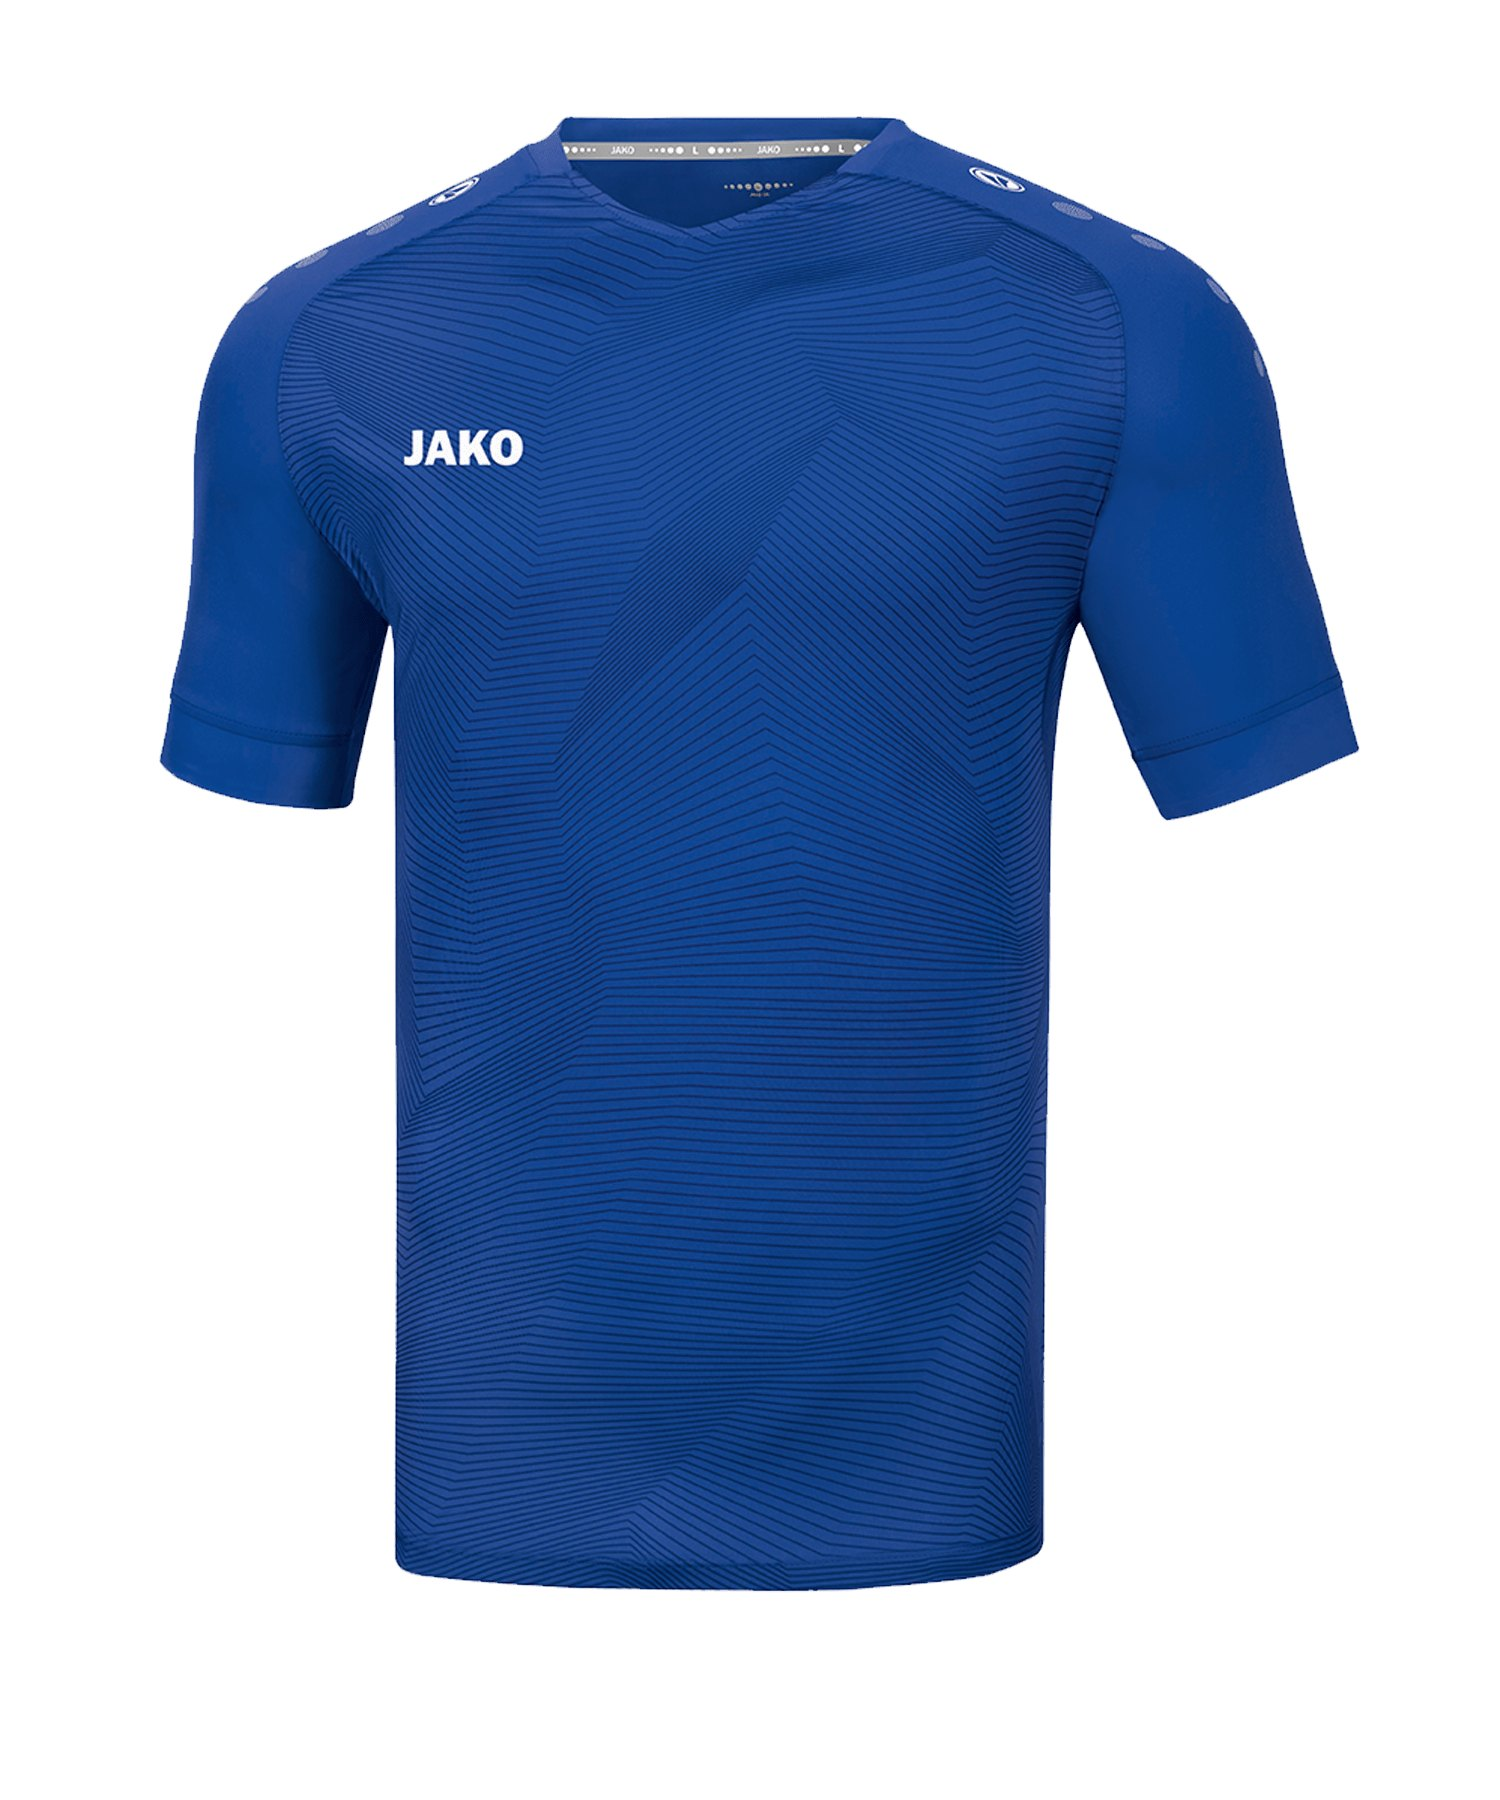 JAKO Premium Trikot kurzarm Blau F04 - blau